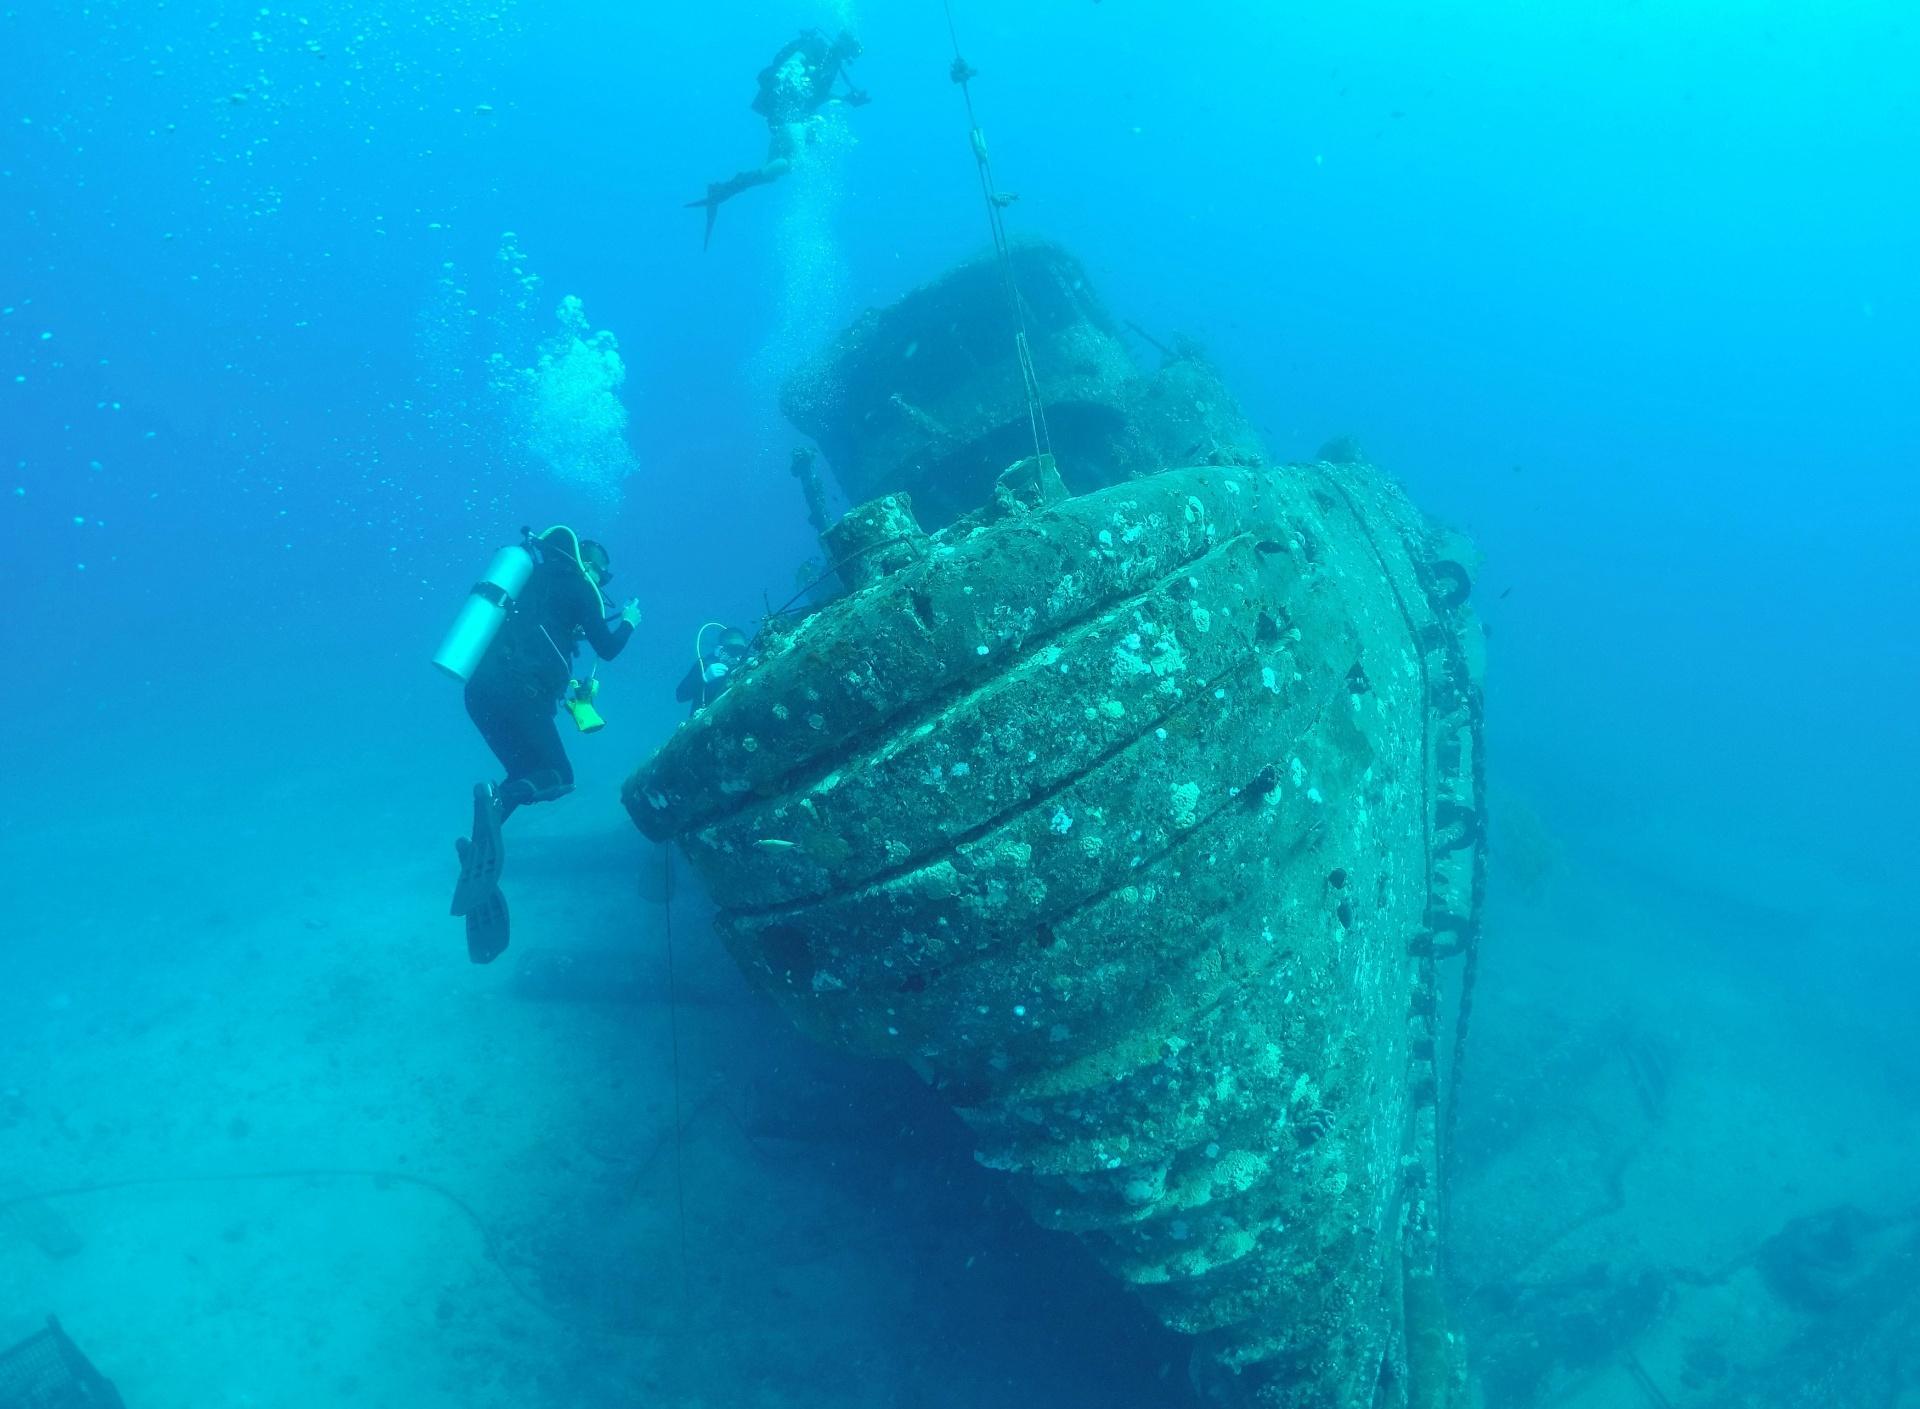 29.jul.2016 - Mergulhadores da Marinha chinesa inspecionam um rebocador naufragado durante exercício de resgate no mar em Oahu, Honolulu, no Havaí. Os oficiais estão participando do maior exercício internacional marítimo de guerra do mundo, apelidado de RIMPAC e organizado pela Marinha dos Estados Unidos